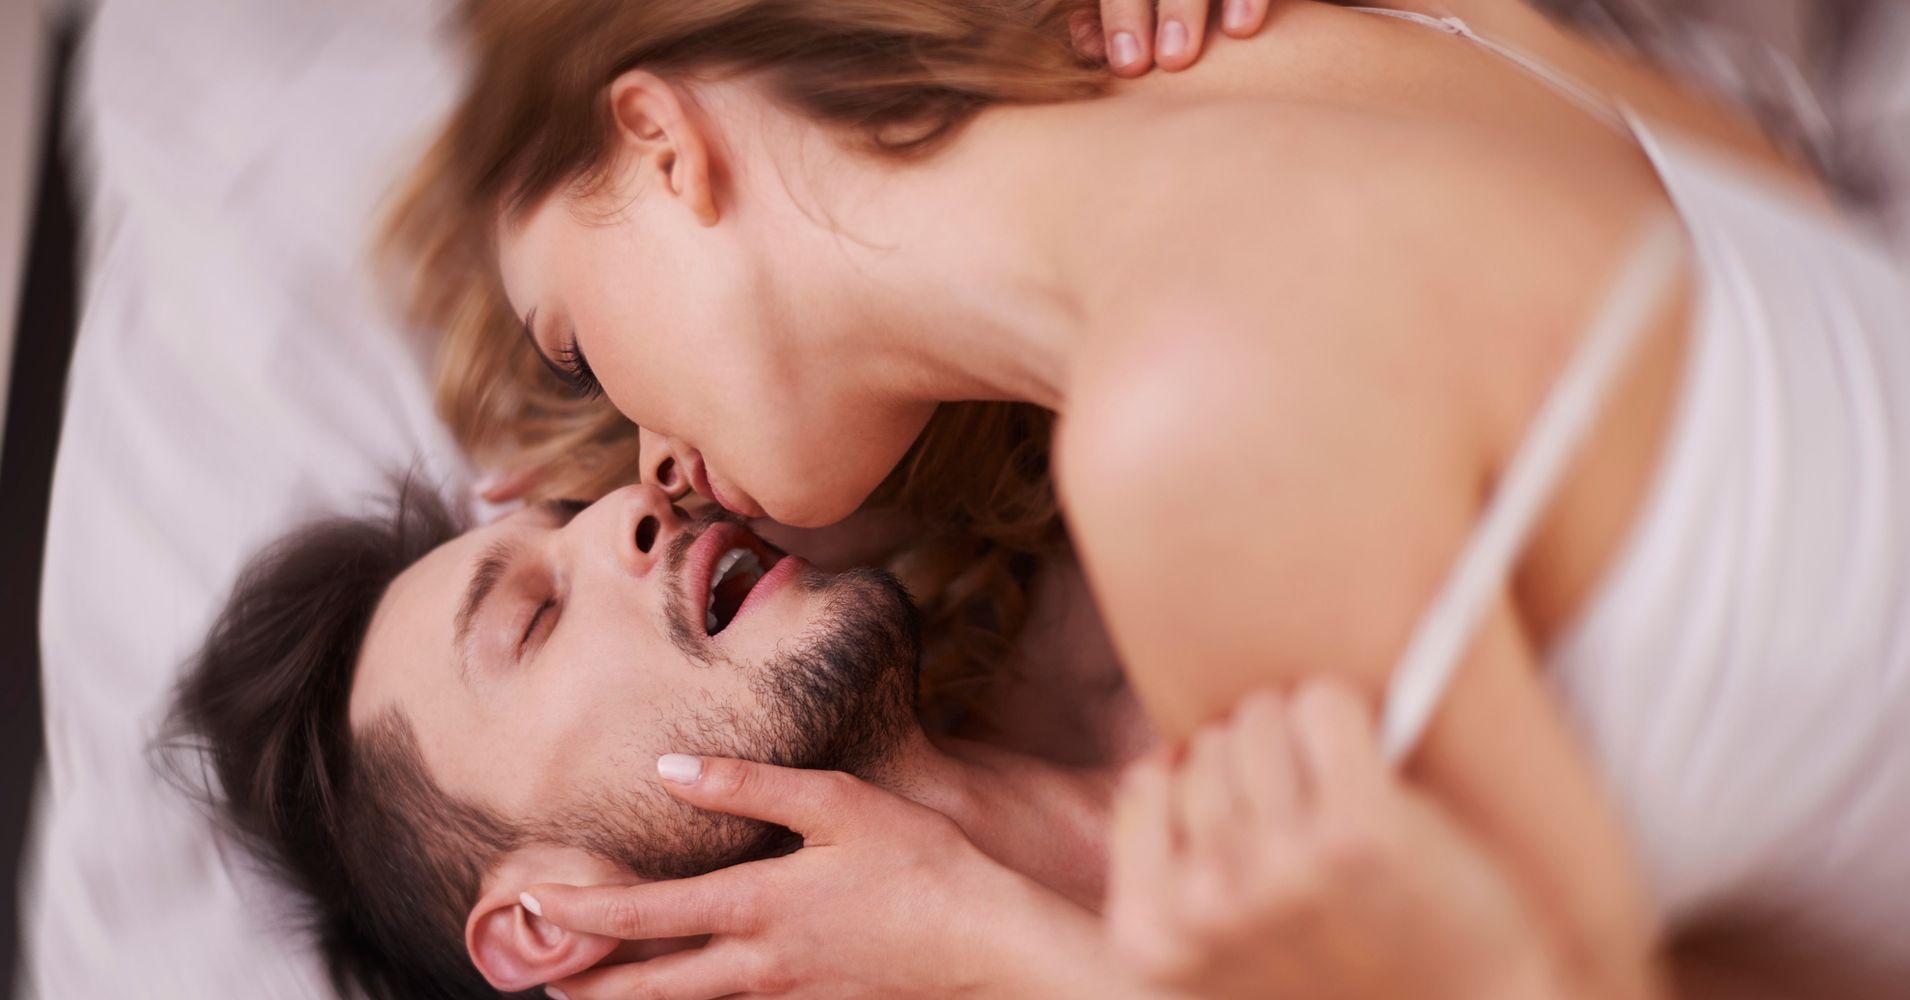 инцеста смогут она закричала от оргазма лесбиянка трахнула свою